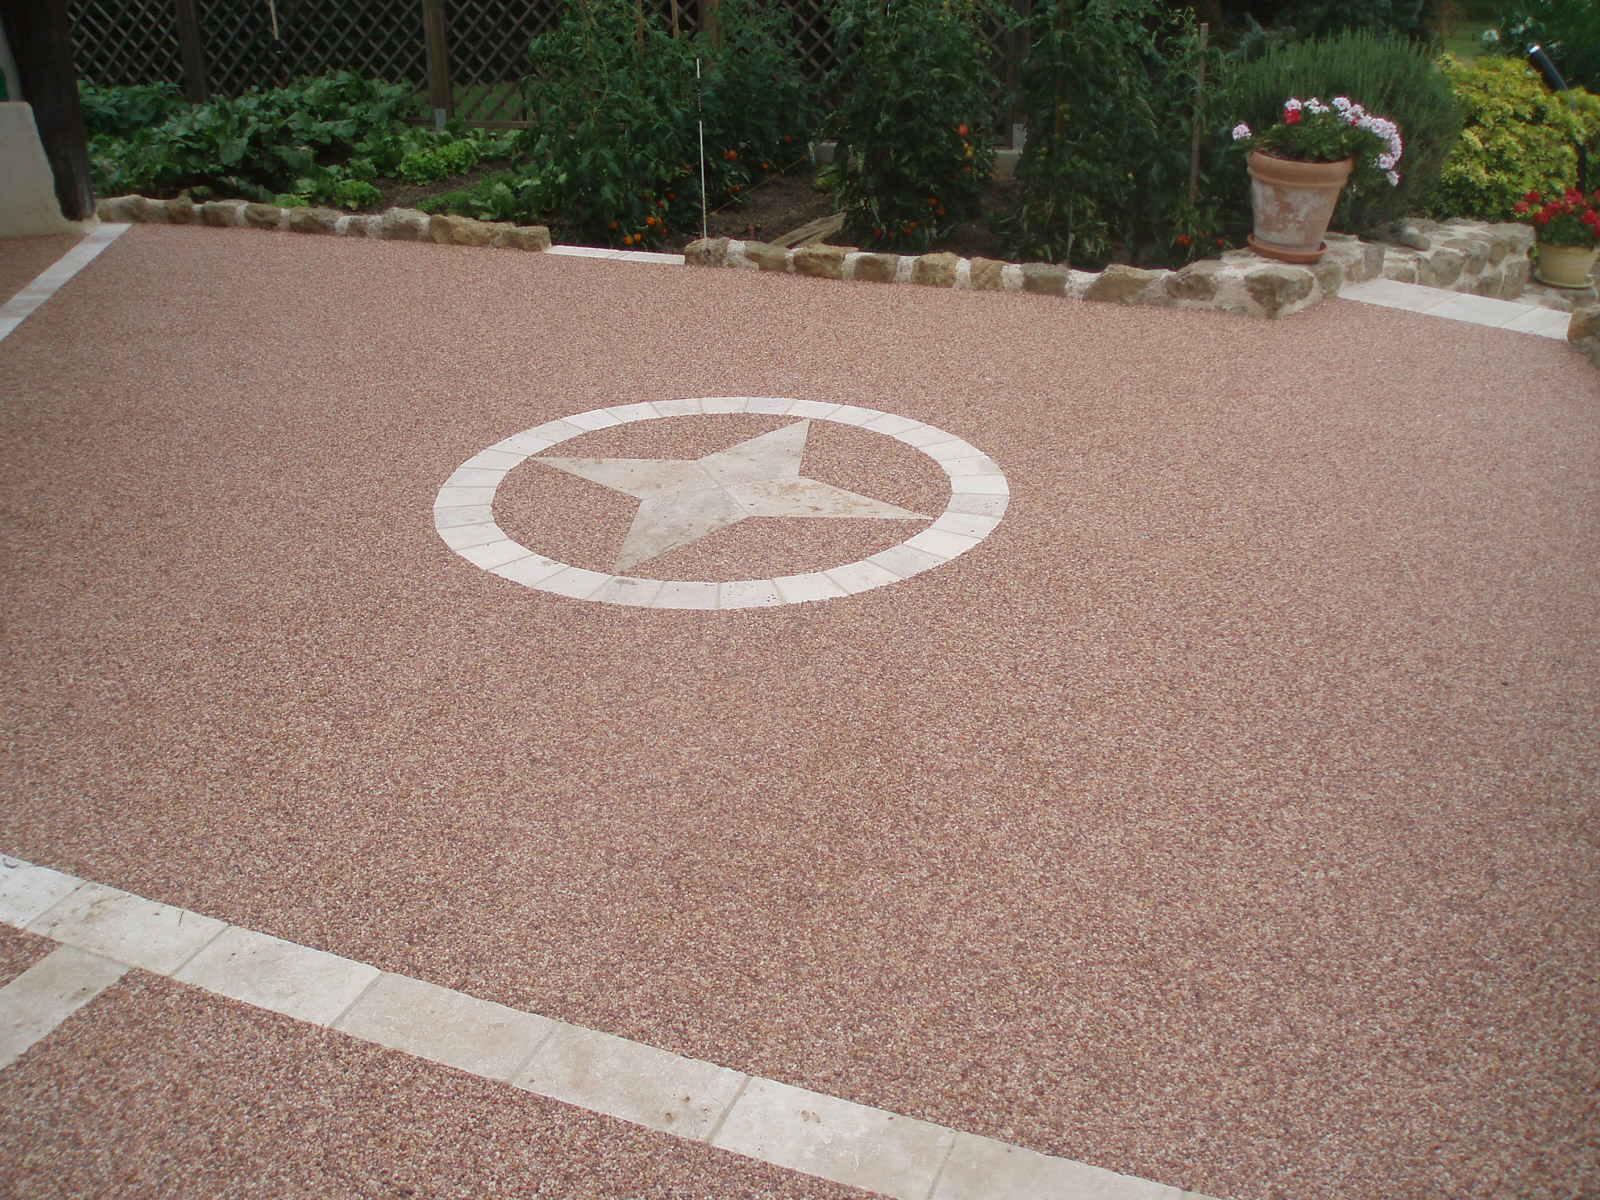 Fabricant Beton Cire France béton ciré, décoratif, muraux - prochallenge.eu